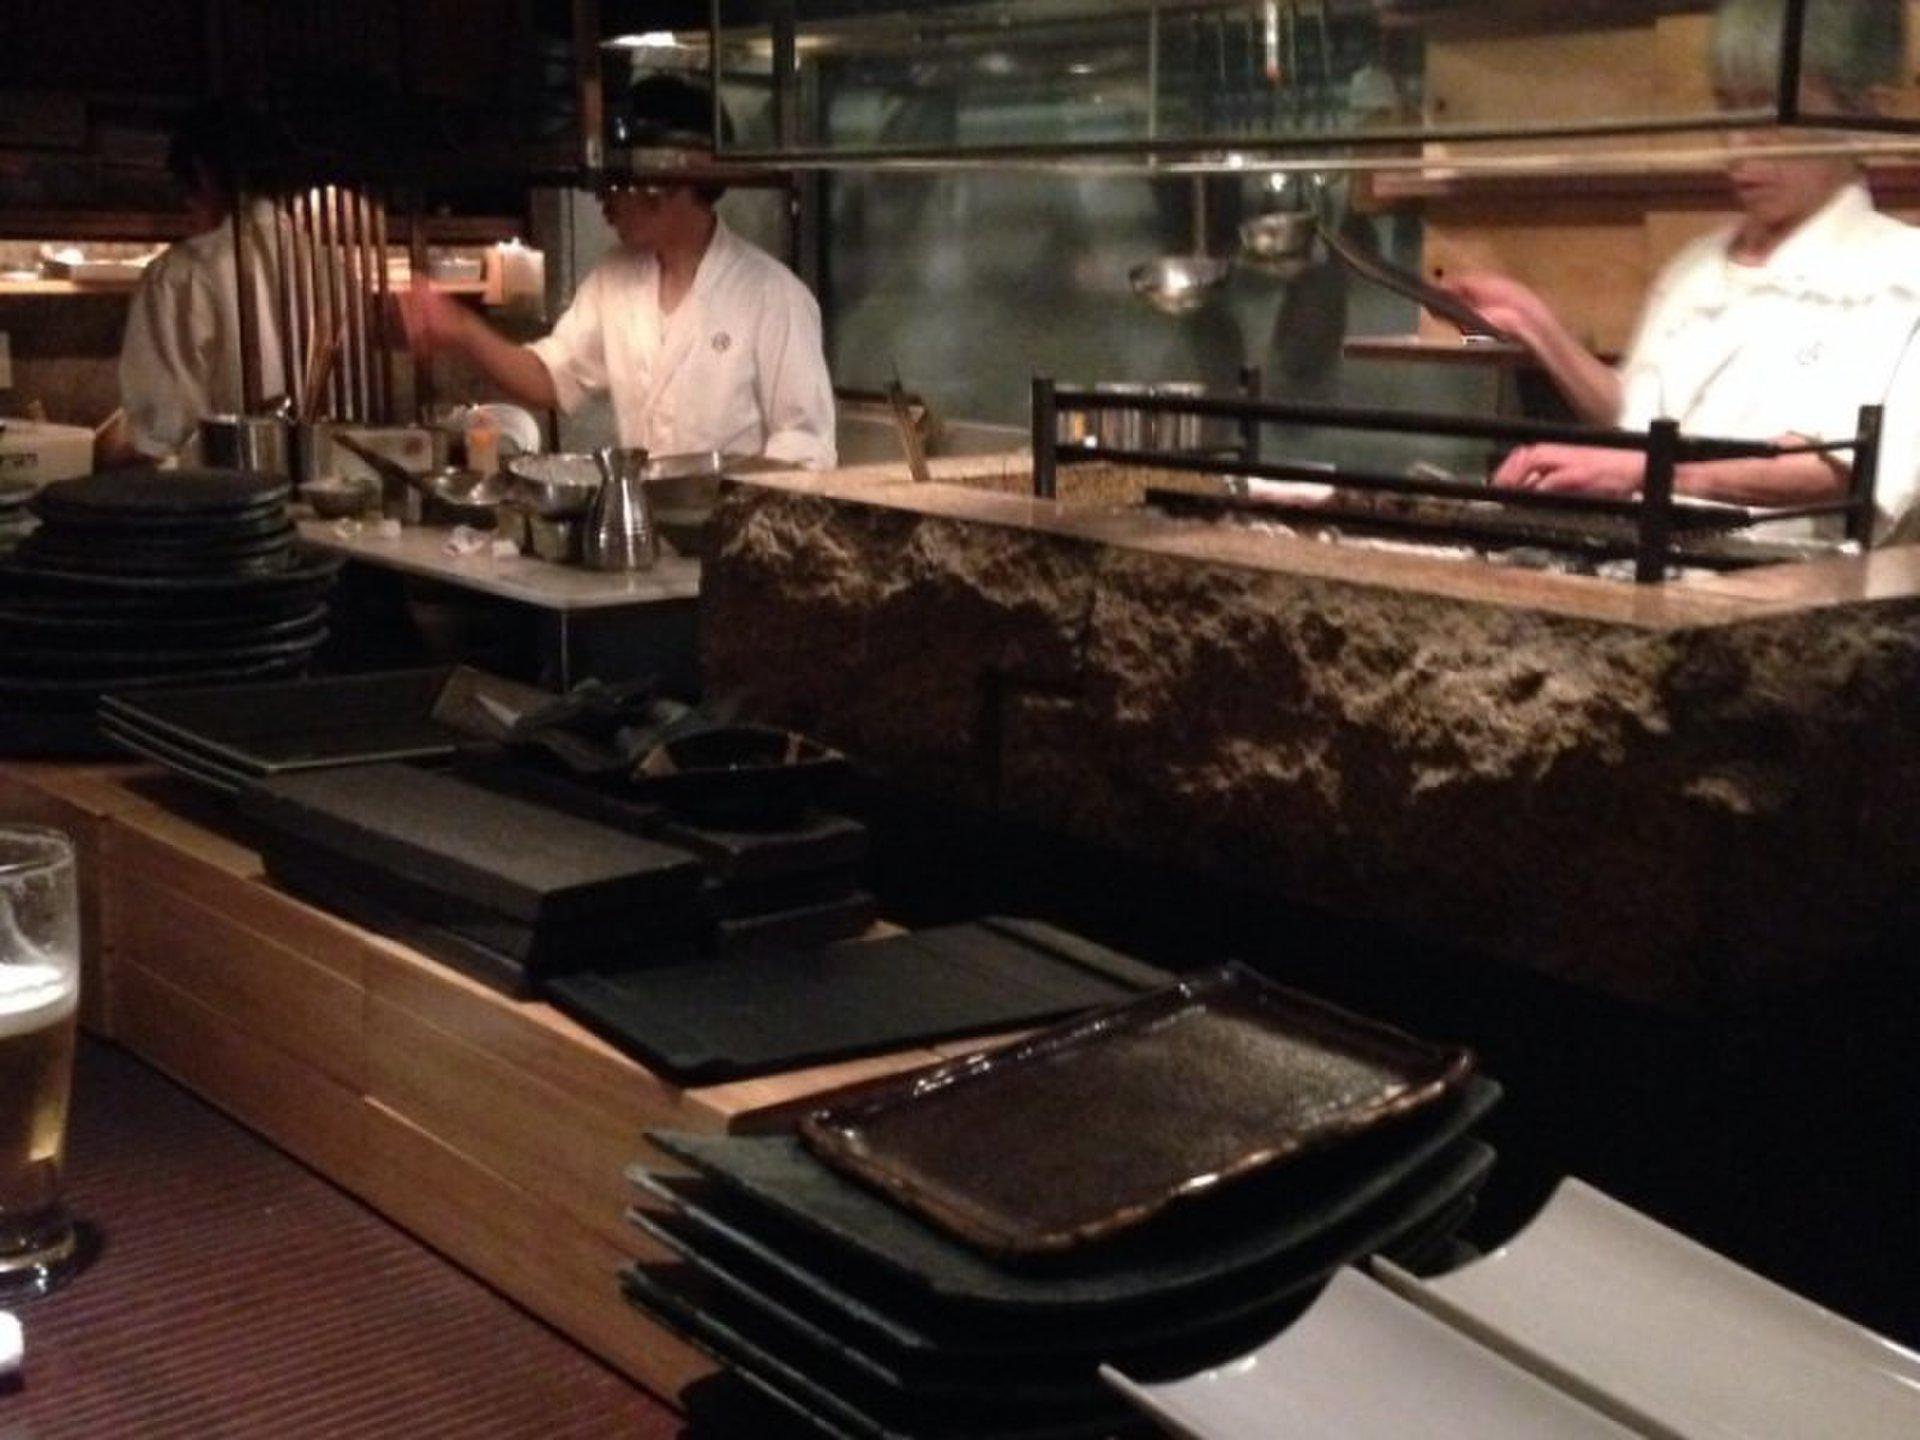 恵比寿で食べられる和食料理屋3選!ランチでもディナーでも活躍!【穴場から定番スポットまで】